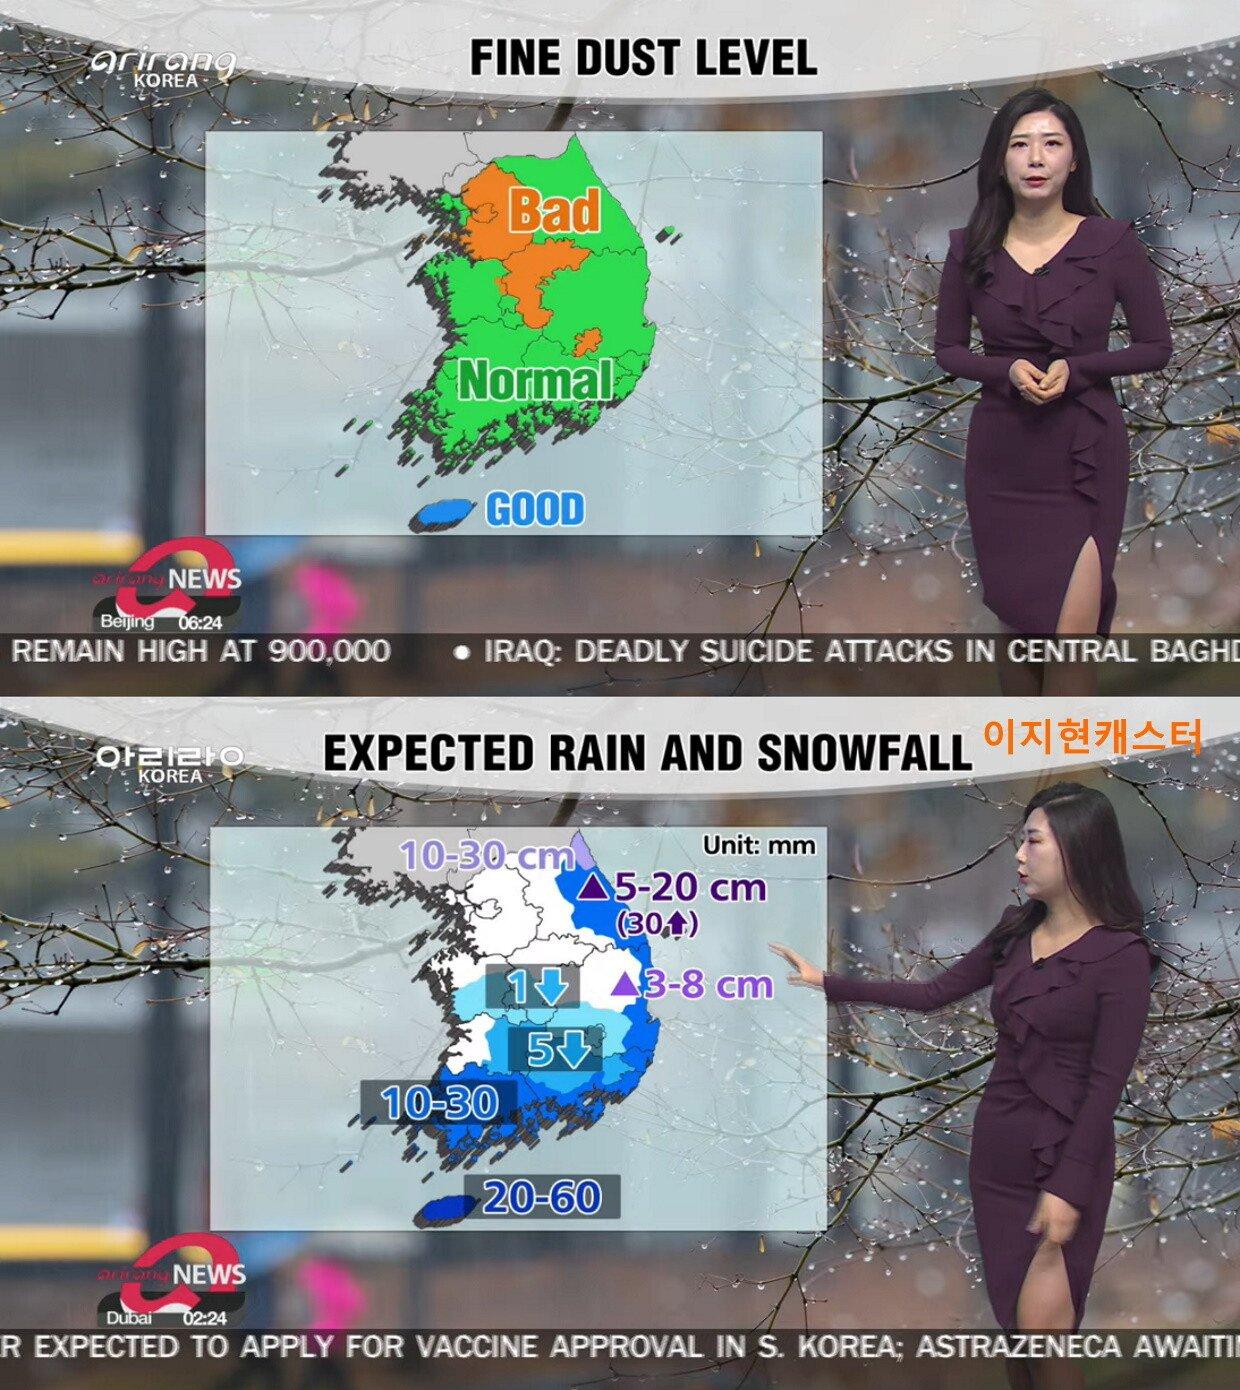 아침27.jpg 오늘 오후부터 내일 오후 남부 및 동해안 중심 비 또는 눈 (중서부 미세먼지)